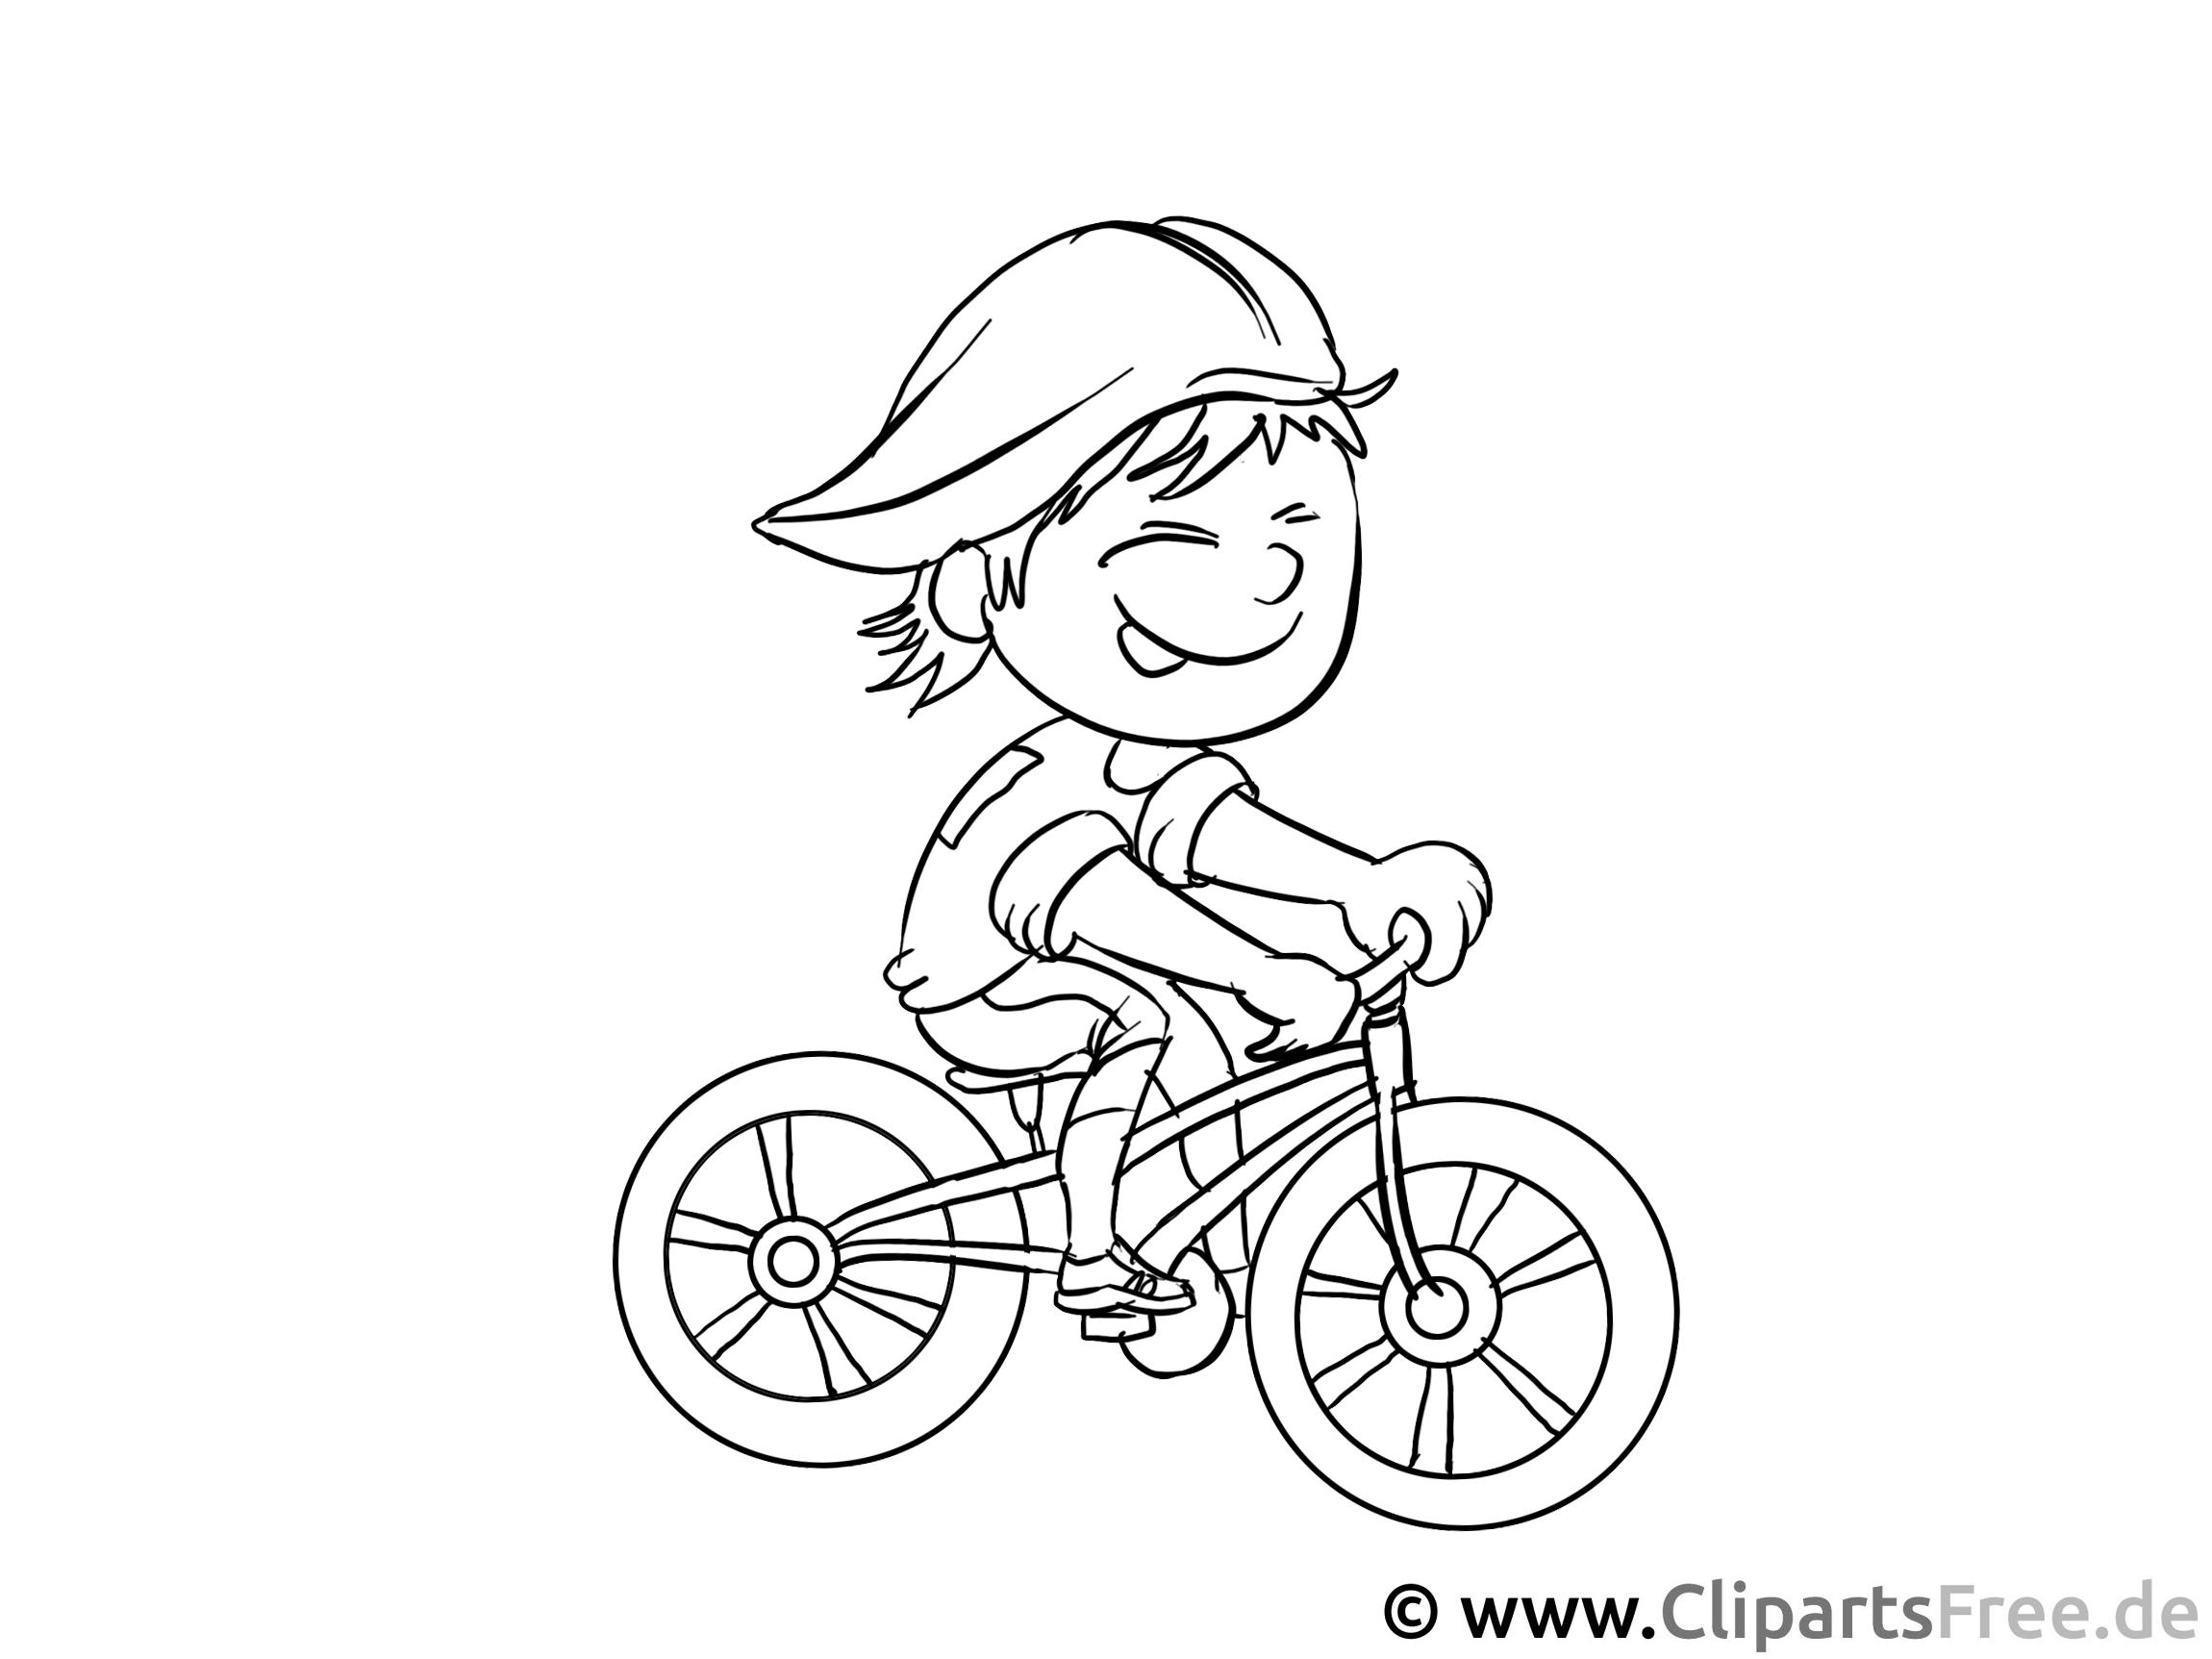 Fahrradfahrer Malvorlage - Arbeitsblätter und Malvorlagen Berufe